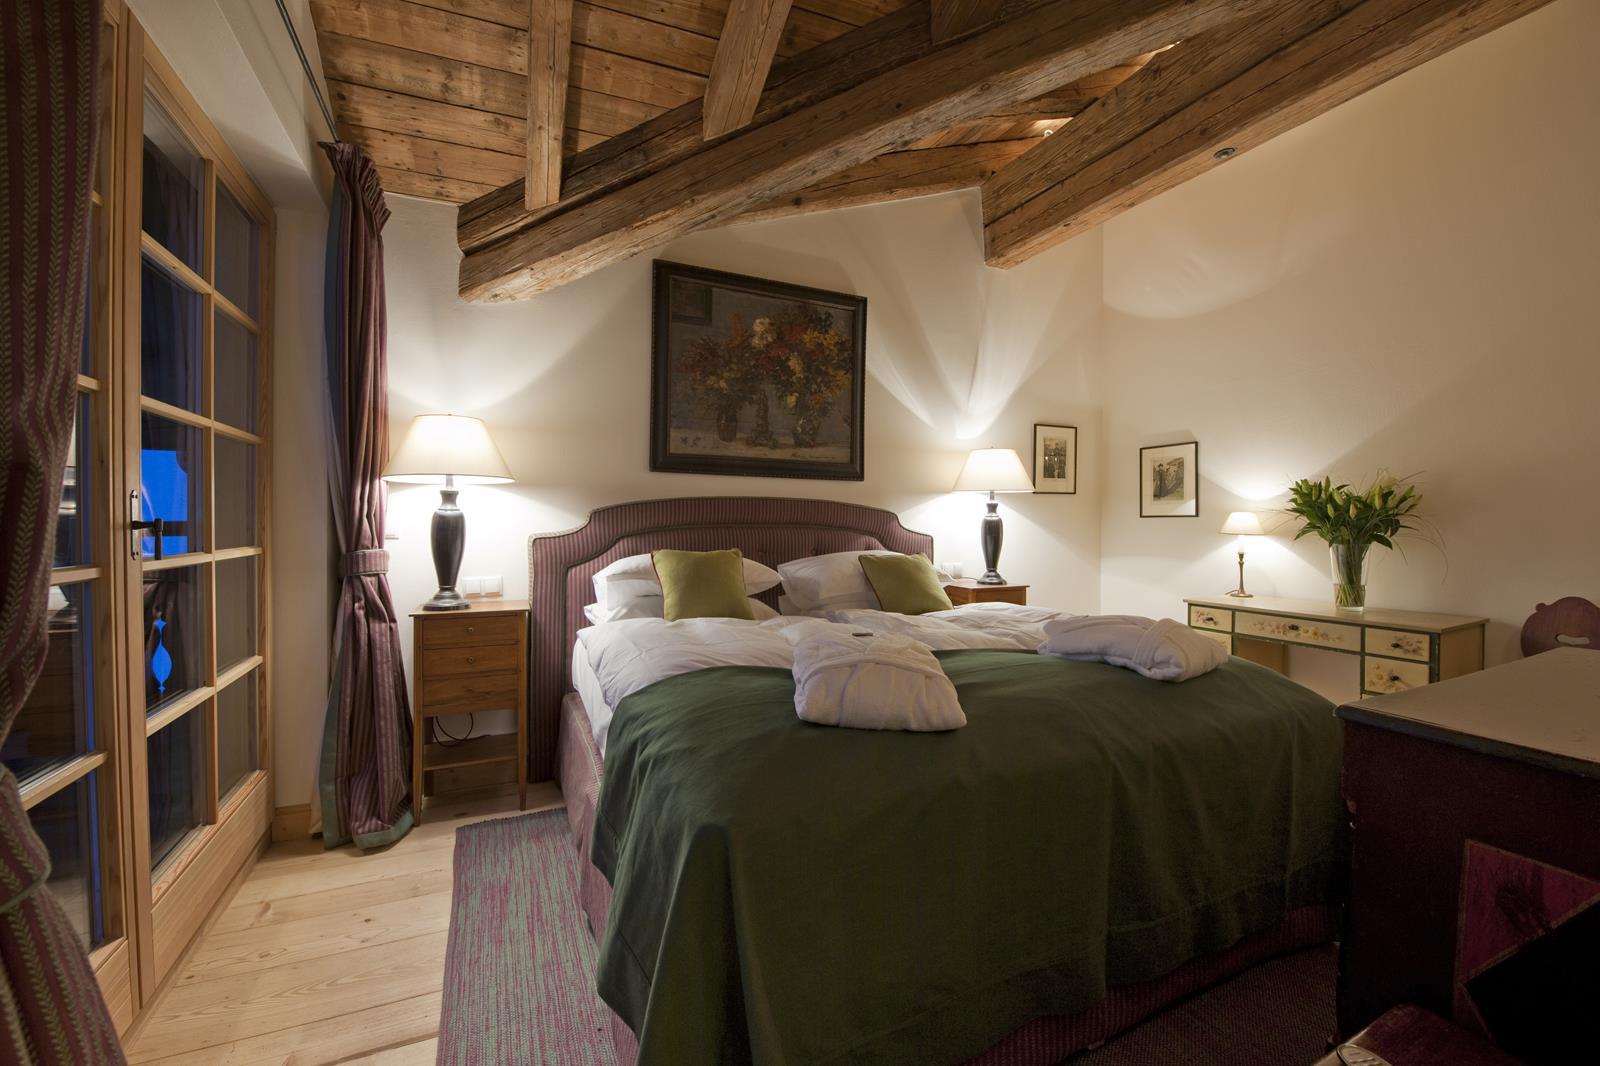 chalet-antoinette-bedroom-2